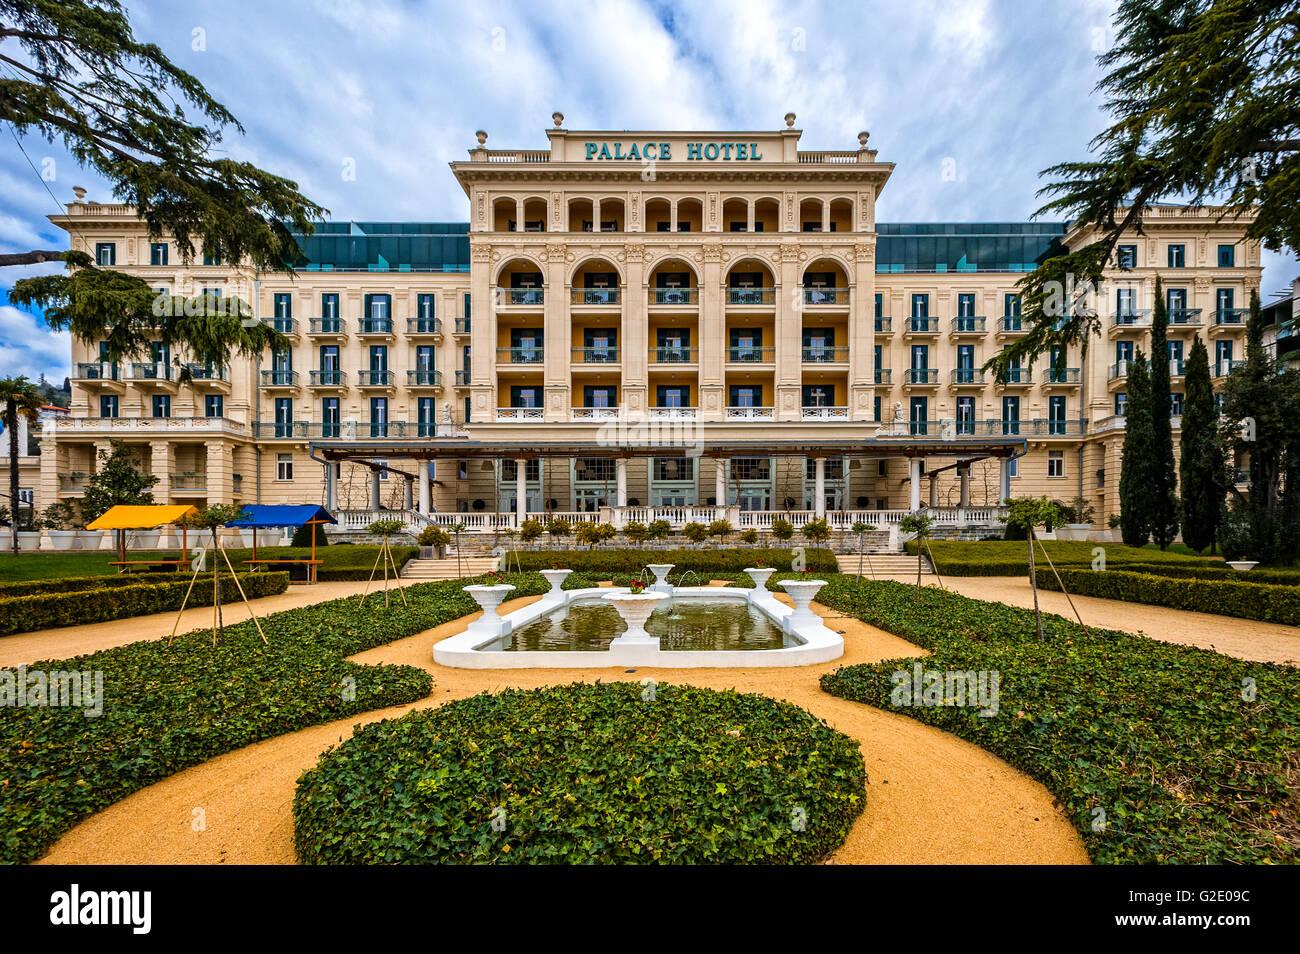 Slovenia Coast Anfd Kras Portoroz The Historic Palace Hotel Stock - Palace-hotel-in-slovenia